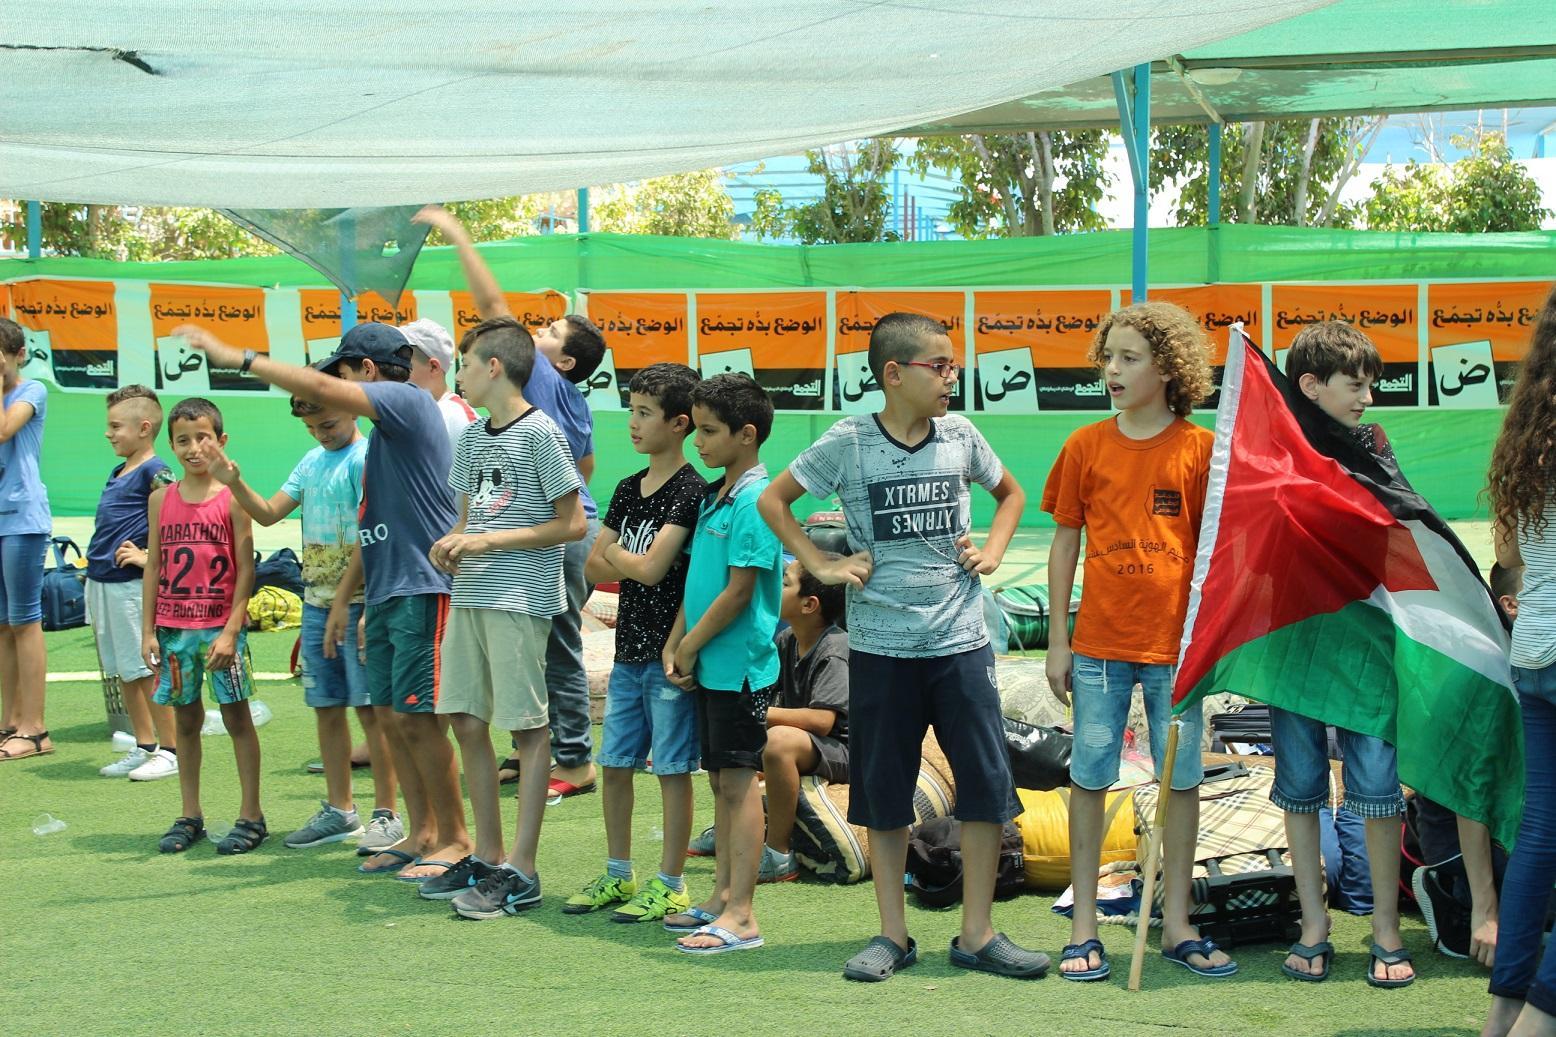 مخيم الهوية الـ17: روح الانتماء والمبادرة